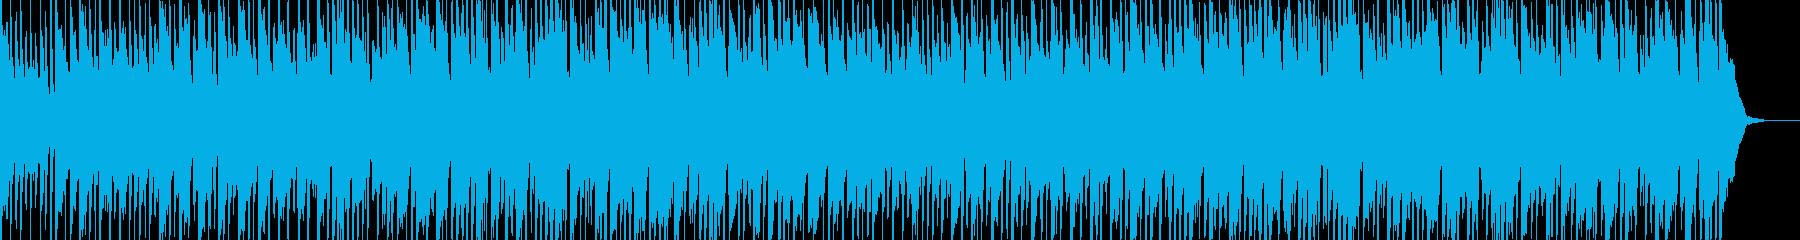 子供用の元気いっぱいな雰囲気のBGMの再生済みの波形